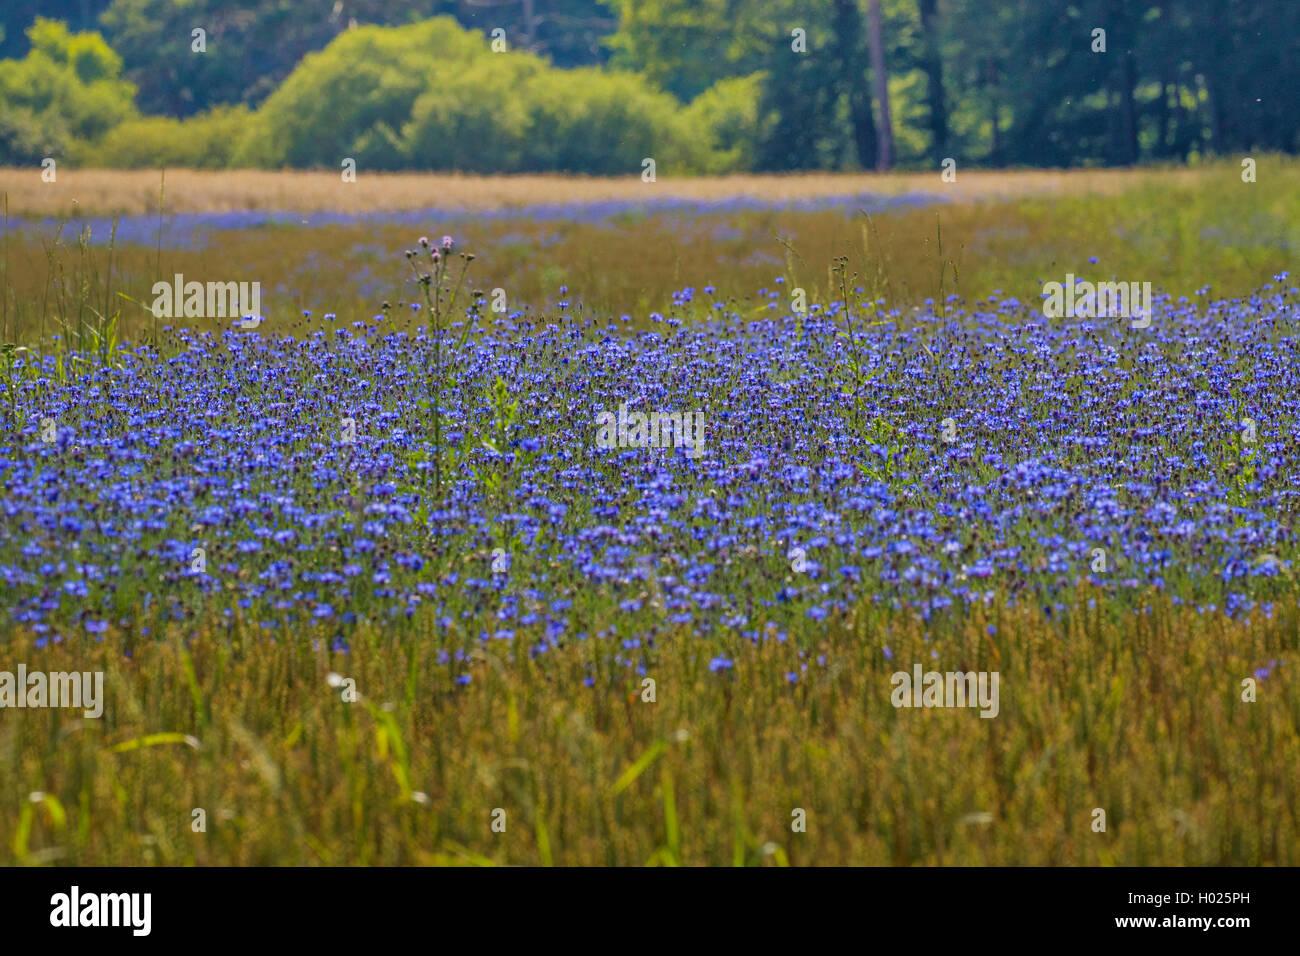 Kornblume (Centaurea cyanus), dichter bluehender Bestand in Weizenfeld, Deutschland, Bayern   bachelor's button, - Stock Image